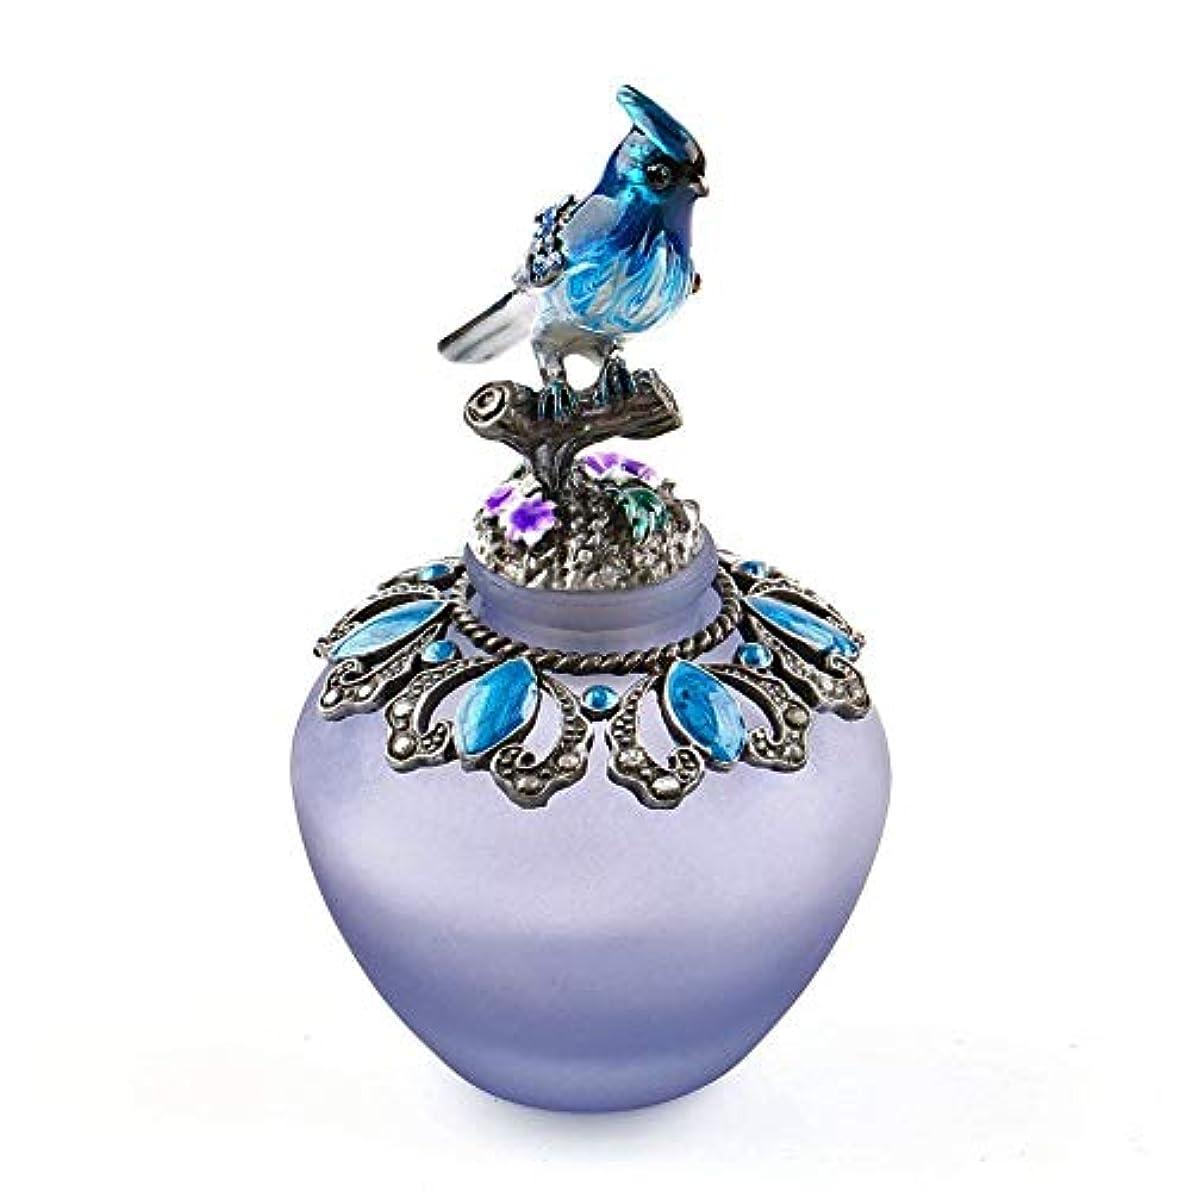 英語の授業があります書き出すバーEasyRaku 高品質 美しい香水瓶 鳥40ML ガラスアロマボトル 綺麗アンティーク調欧風デザイン クリスマスプレゼント 結婚式 飾り